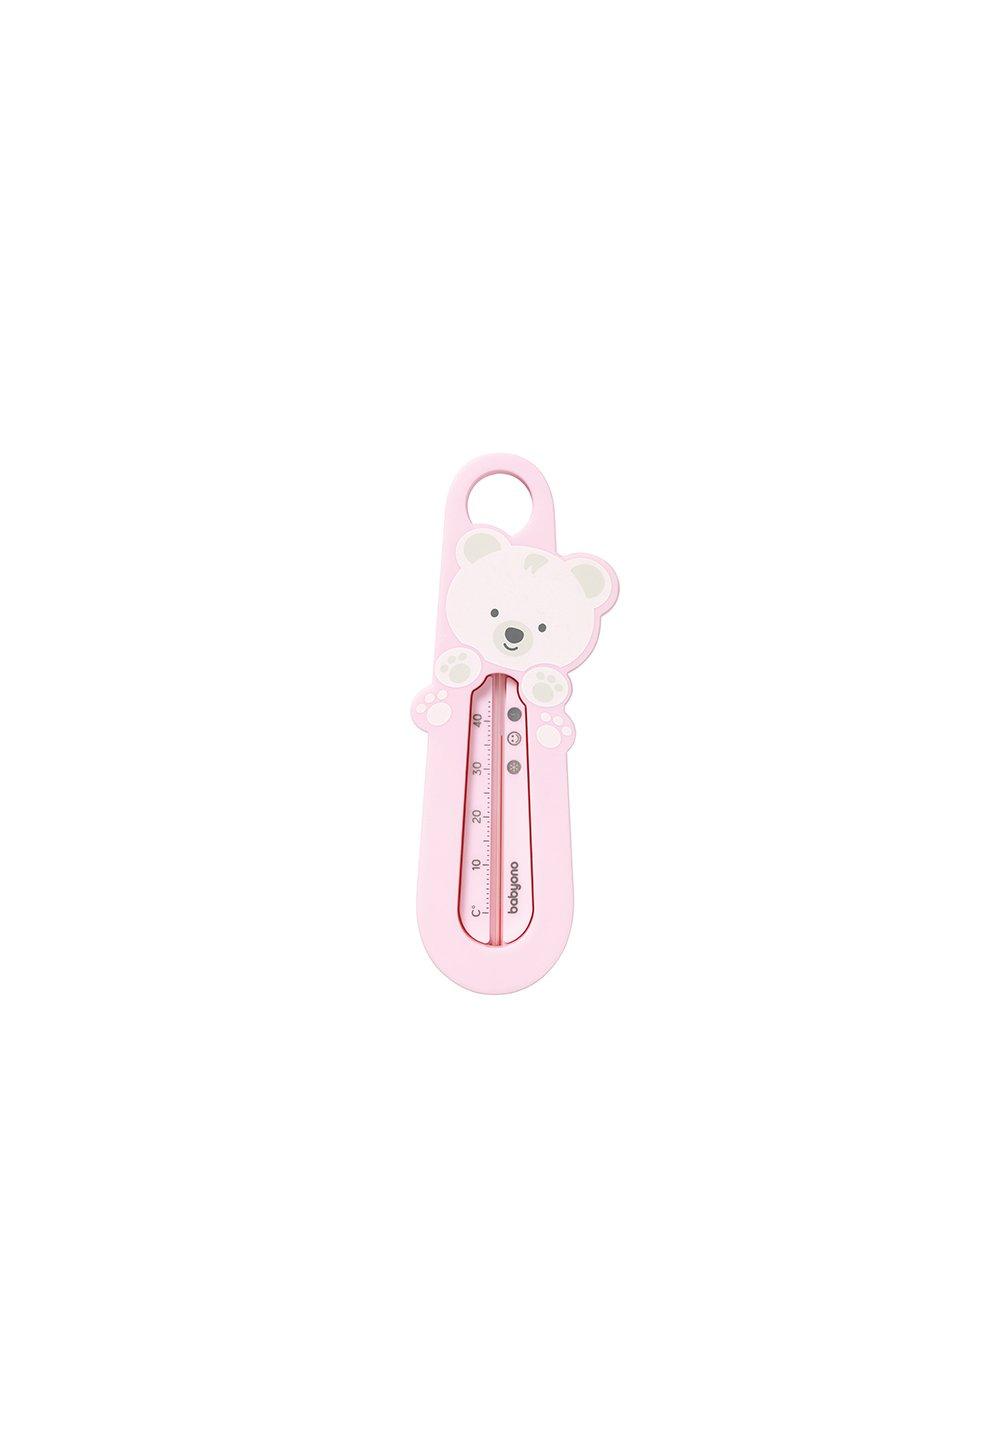 Termometru pentru baie, ursulet roz imagine